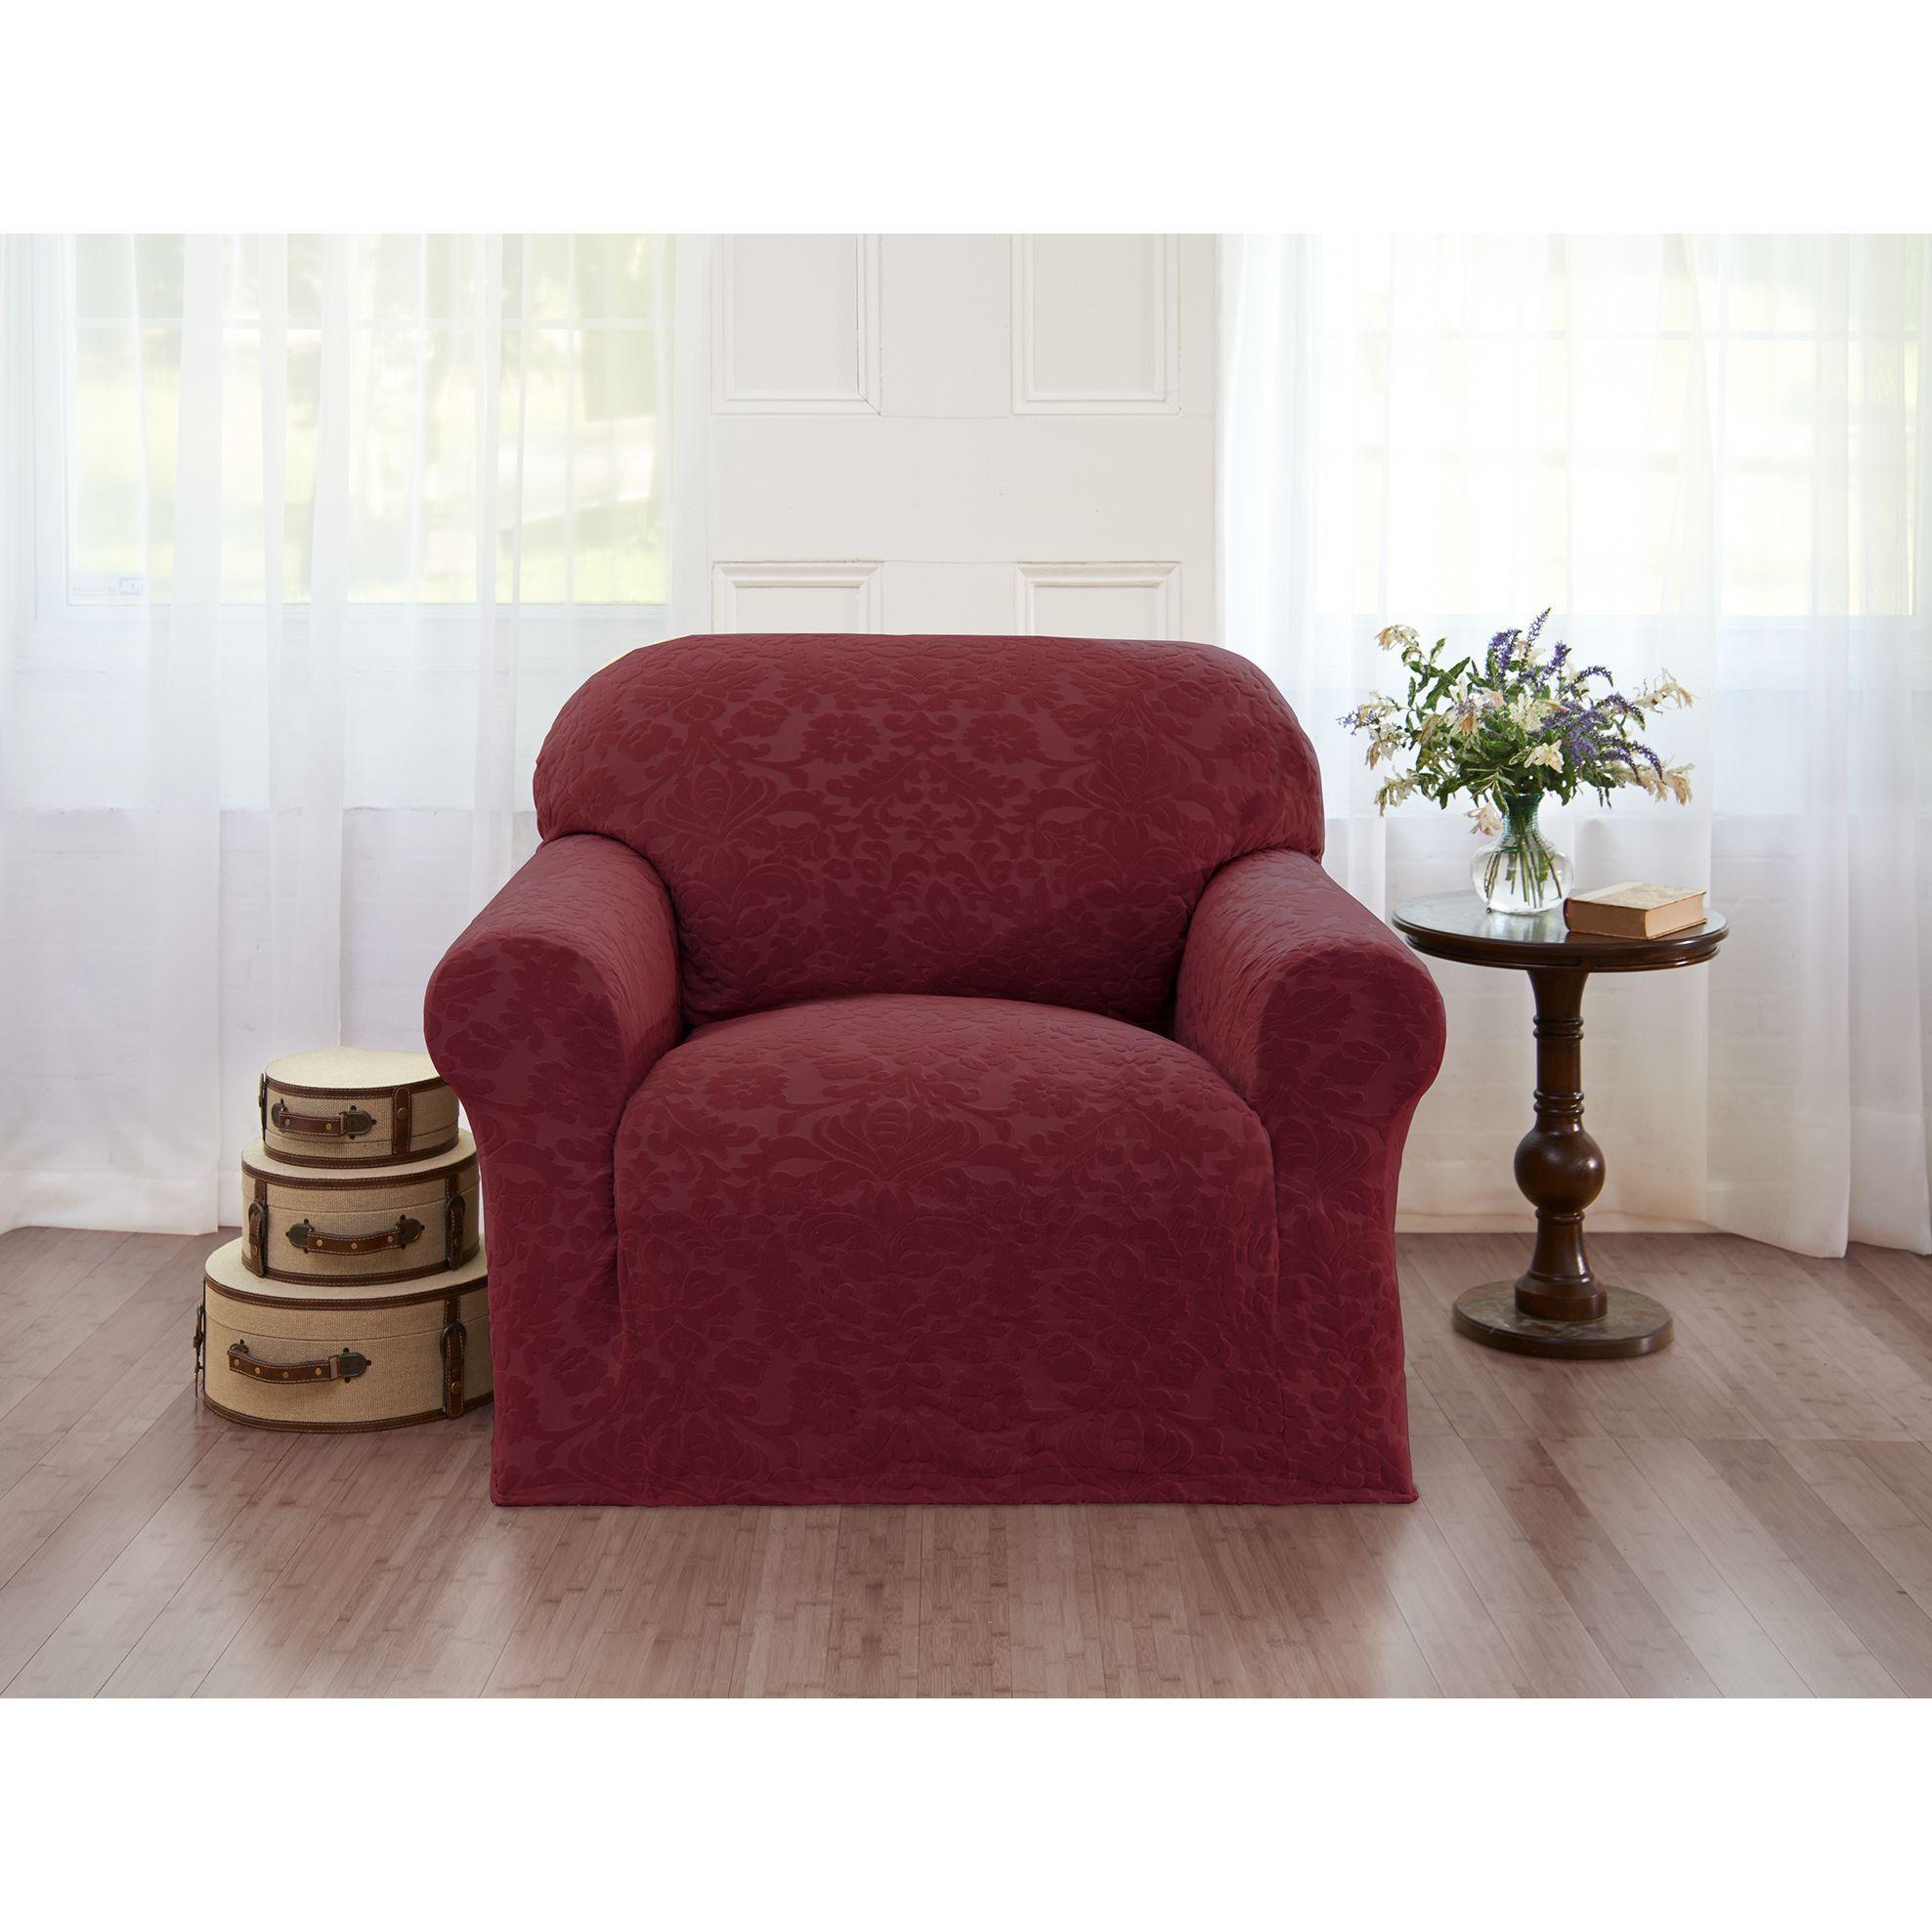 Madison Velvet Damask Chair Slipcover (Burgundy Velvet Damask Chair Slipcover), Purple (Design)